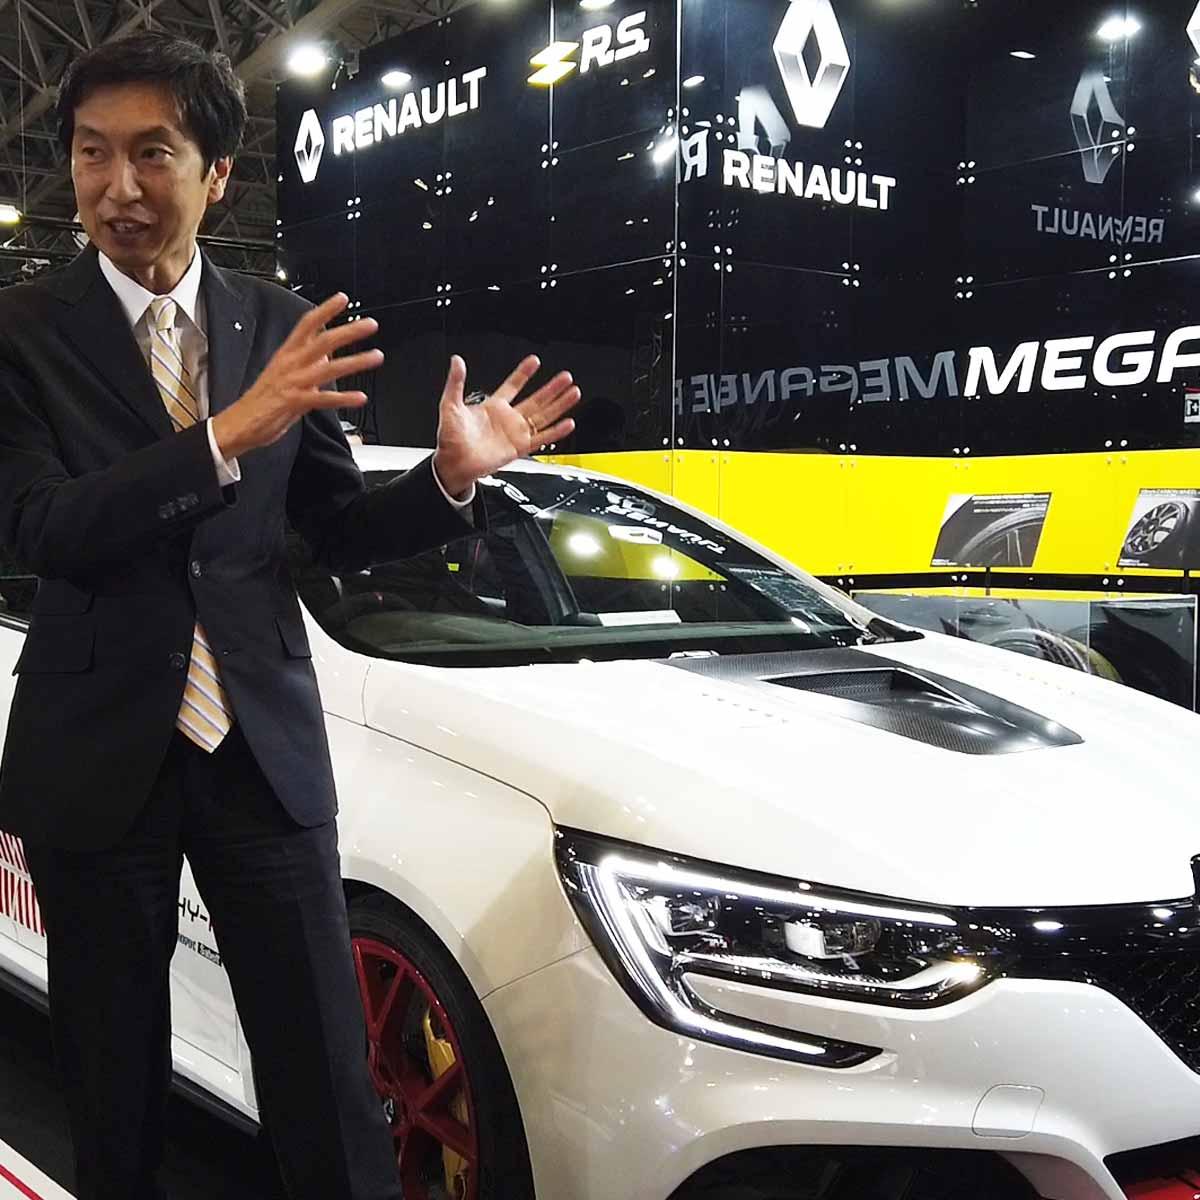 【動画】東京オートサロン2020、マニア熱狂の輸入車3モデル!